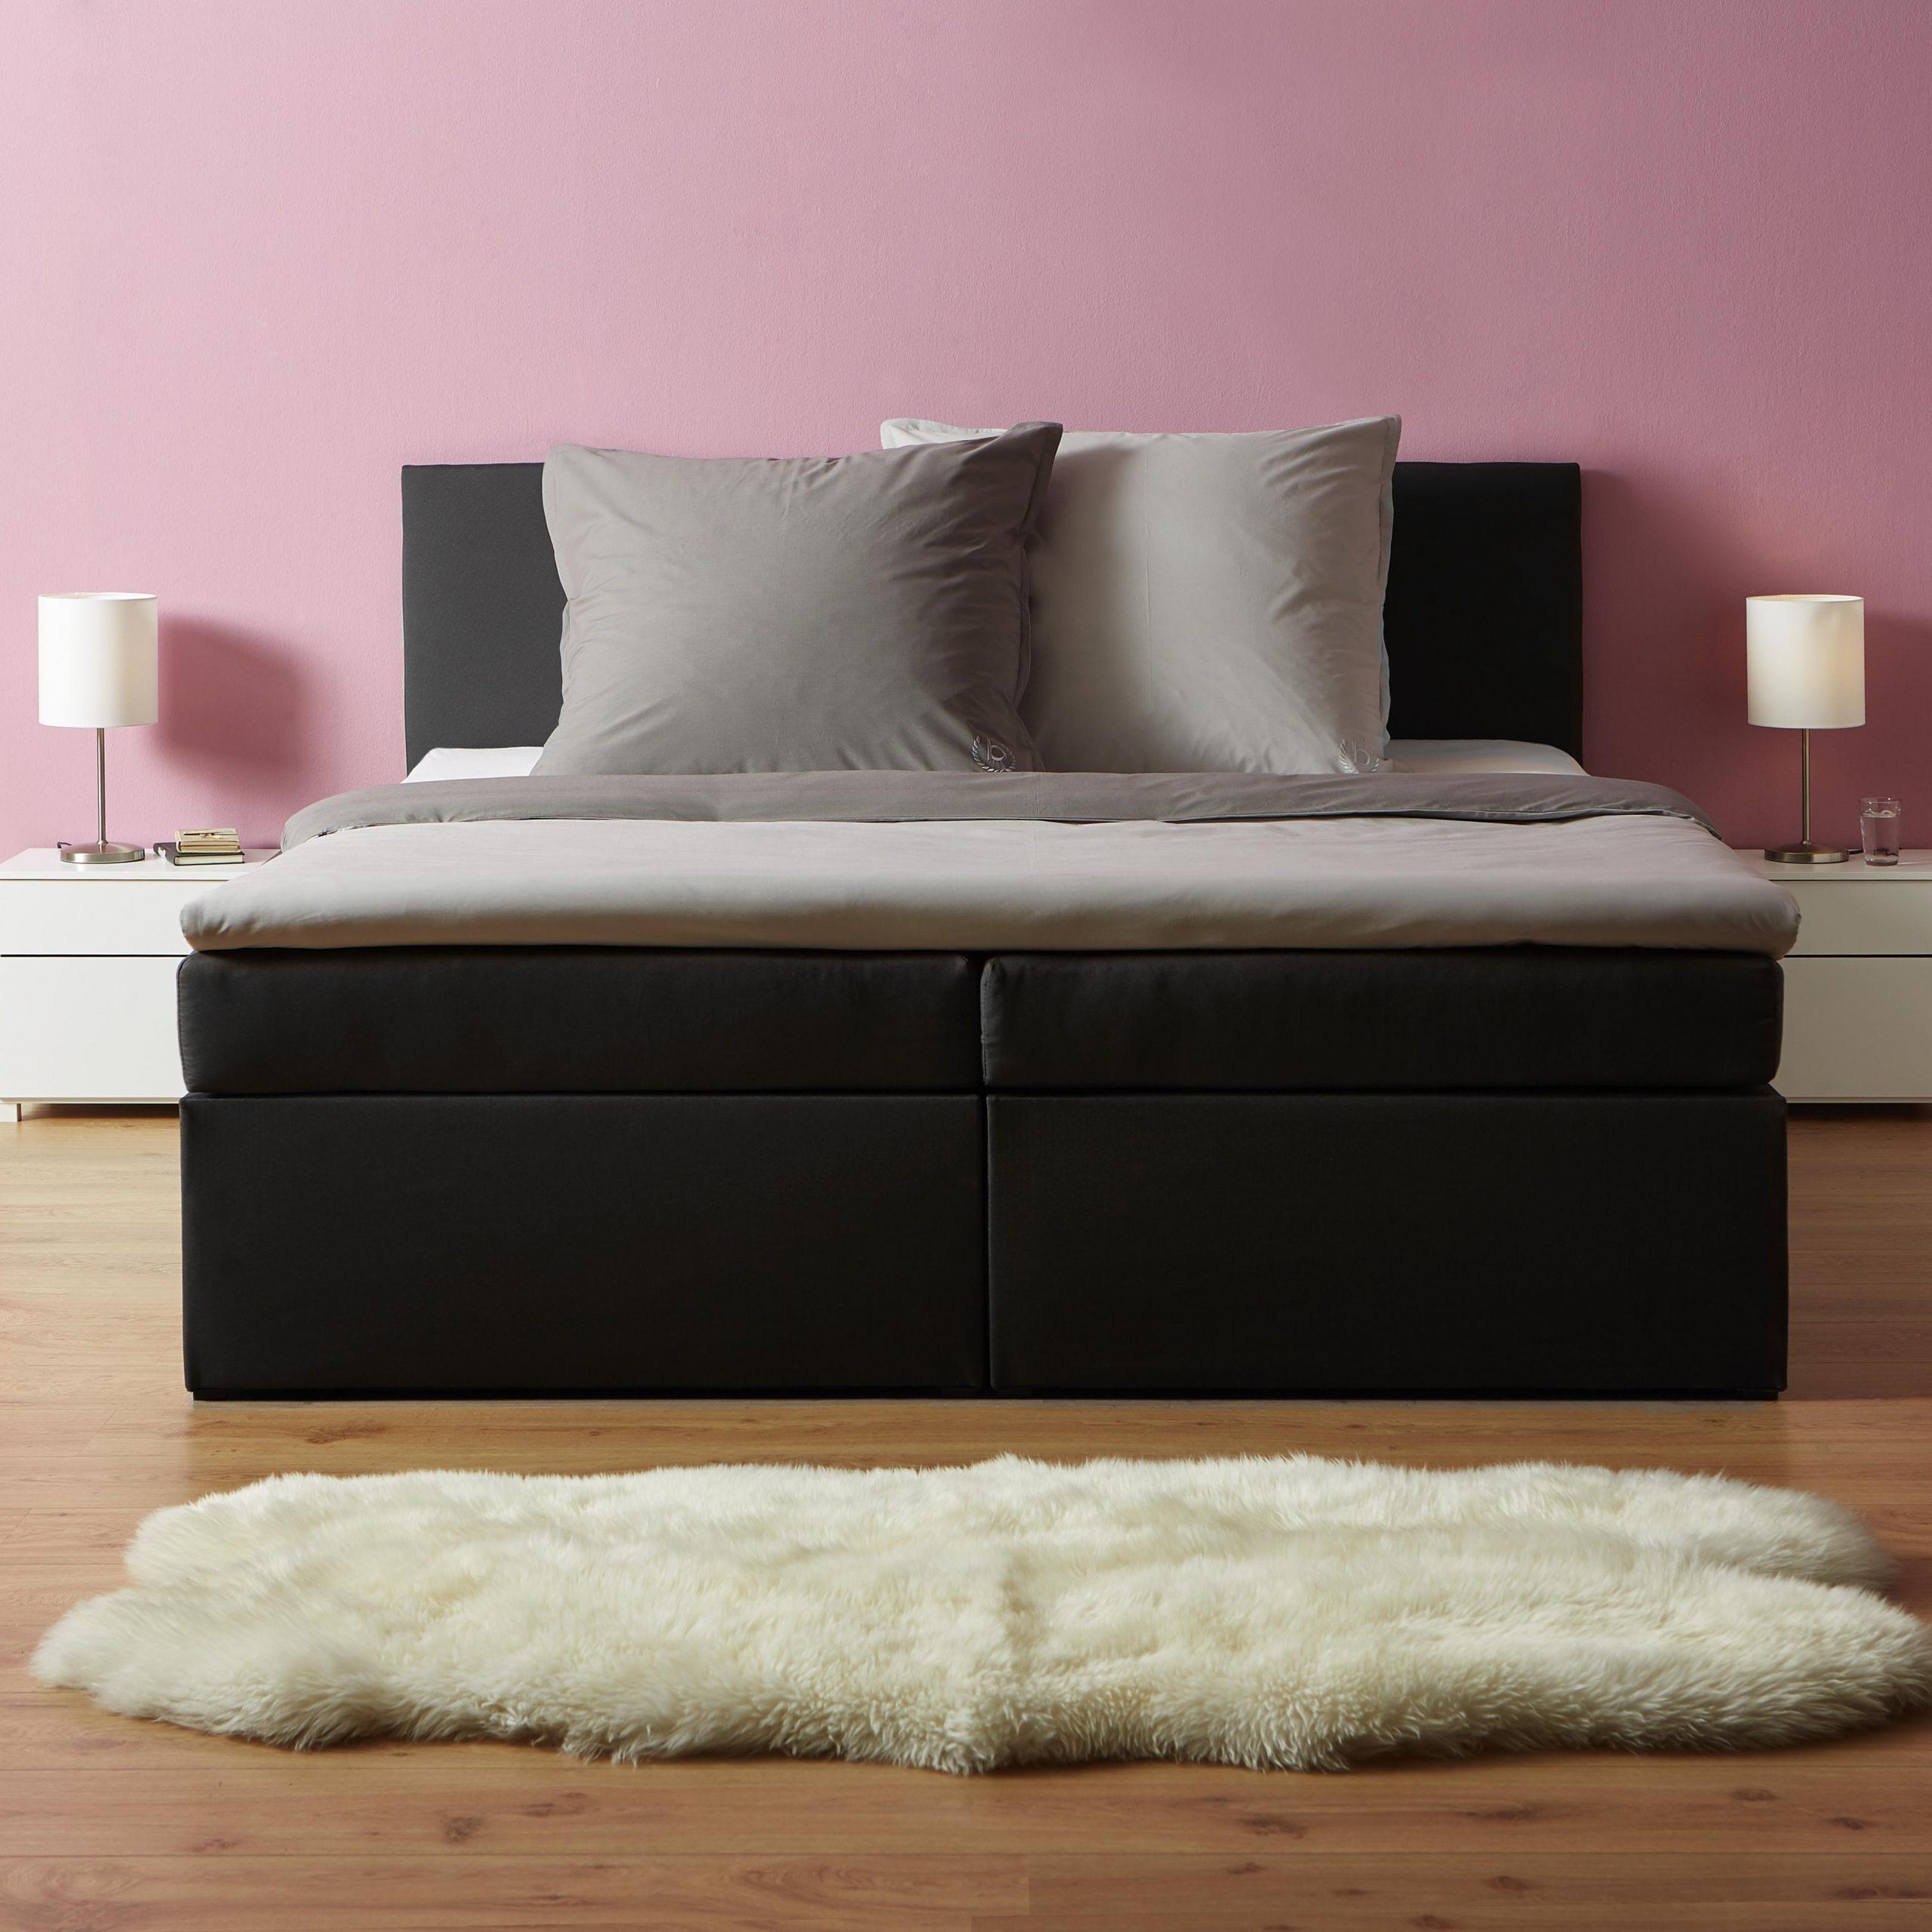 Full Size of Stabiles Bett Betten Entdecken Mmastabiles 160 Rauch Sonoma Eiche 140x200 Ausziehbar Runde Clinique Even Better Make Up Rückenlehne Mit Unterbett Bett Stabiles Bett